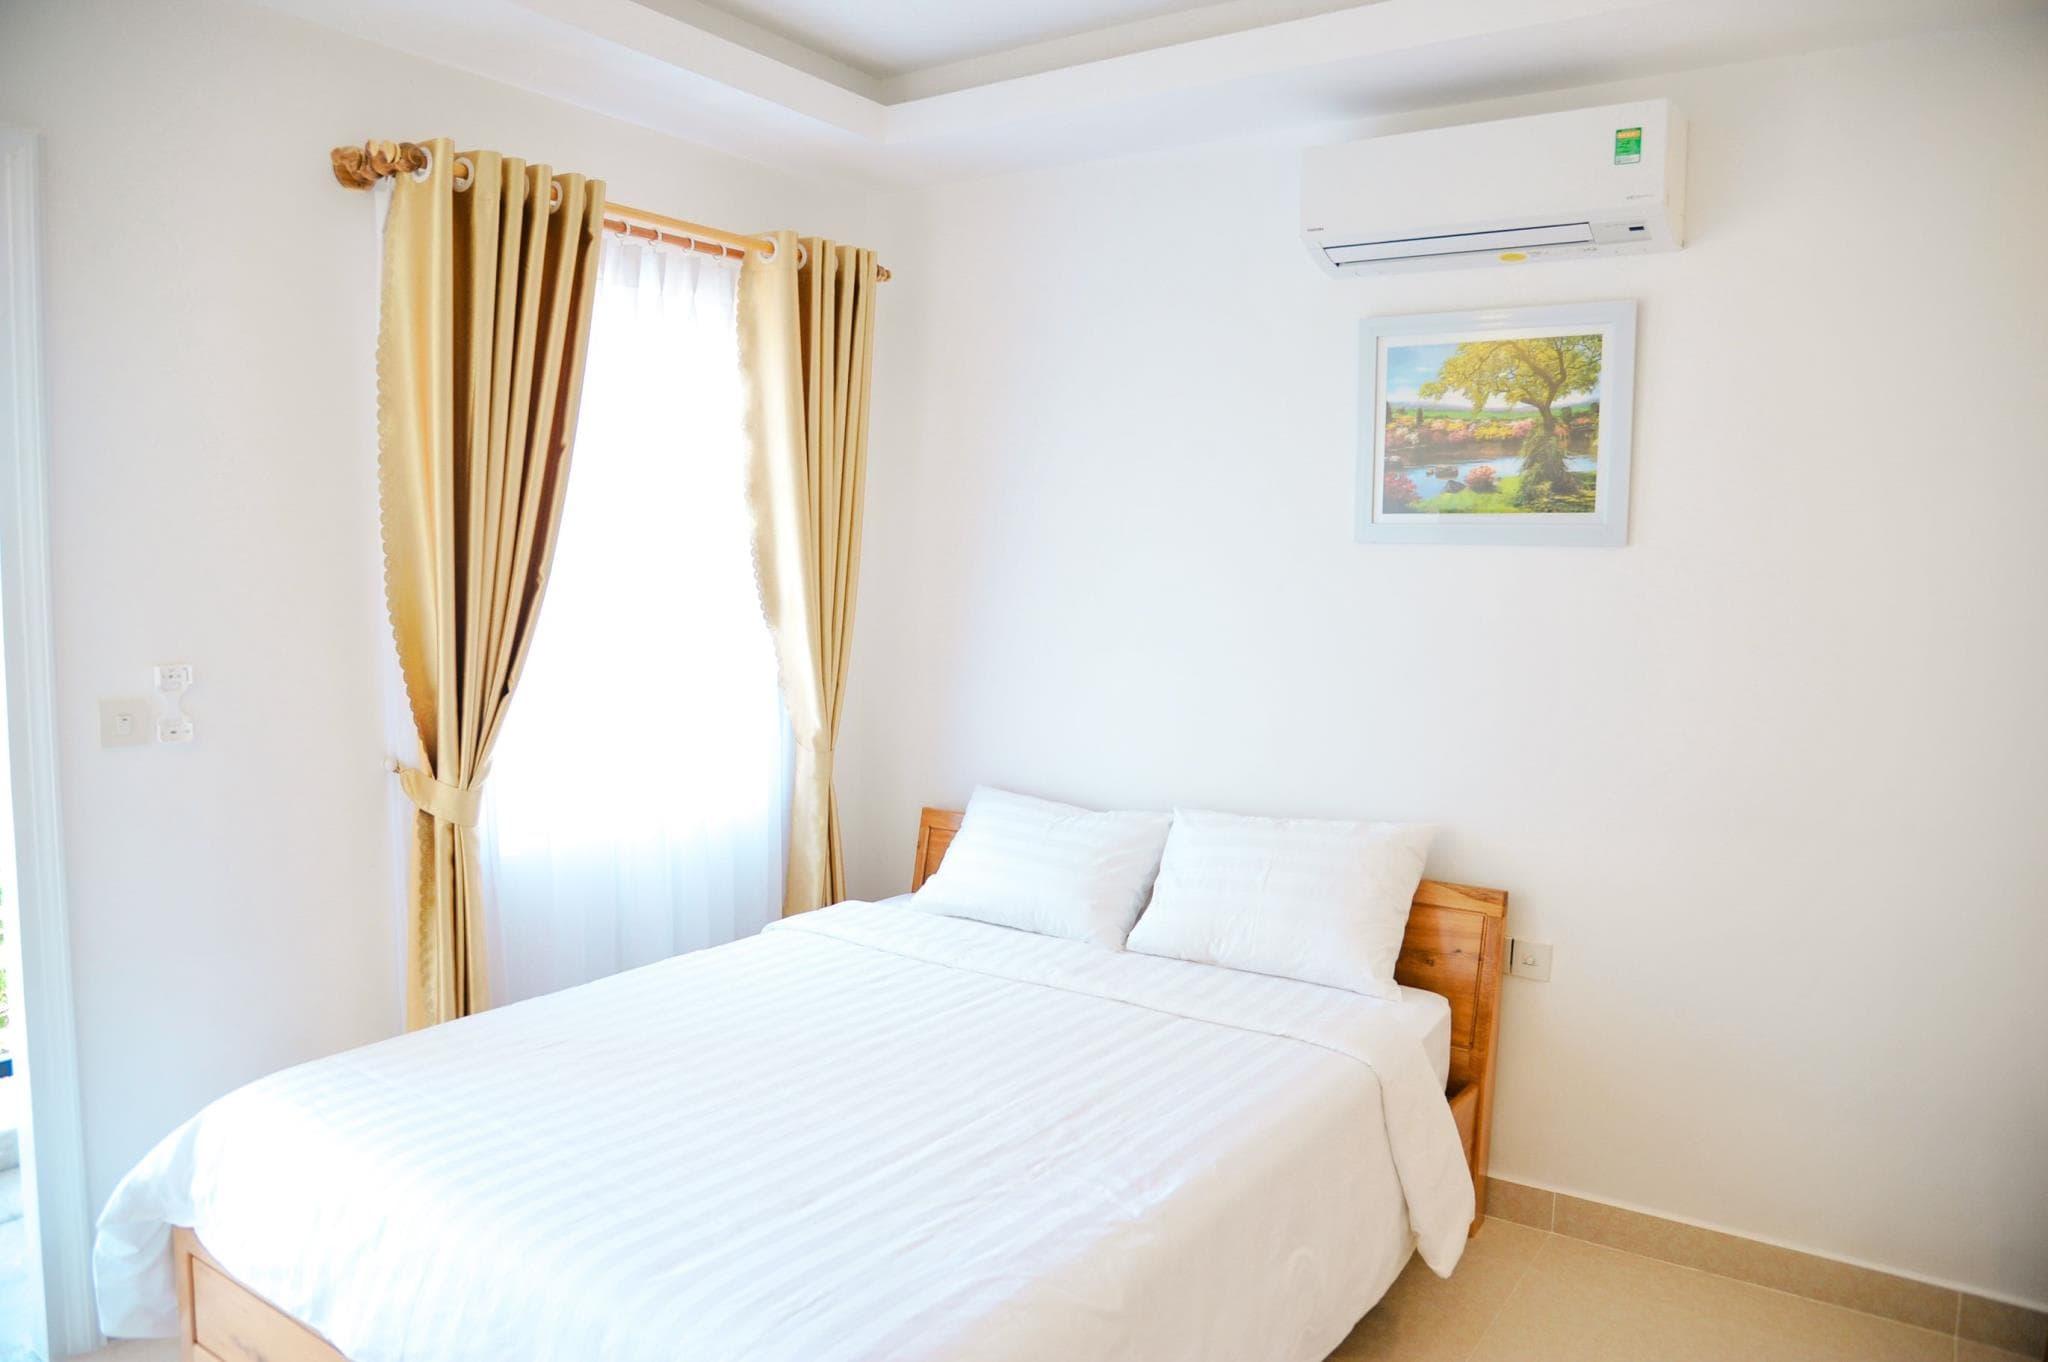 Khách Sạn Nha Trang Có Bãi Dài - Allure Hotel Nha Trang